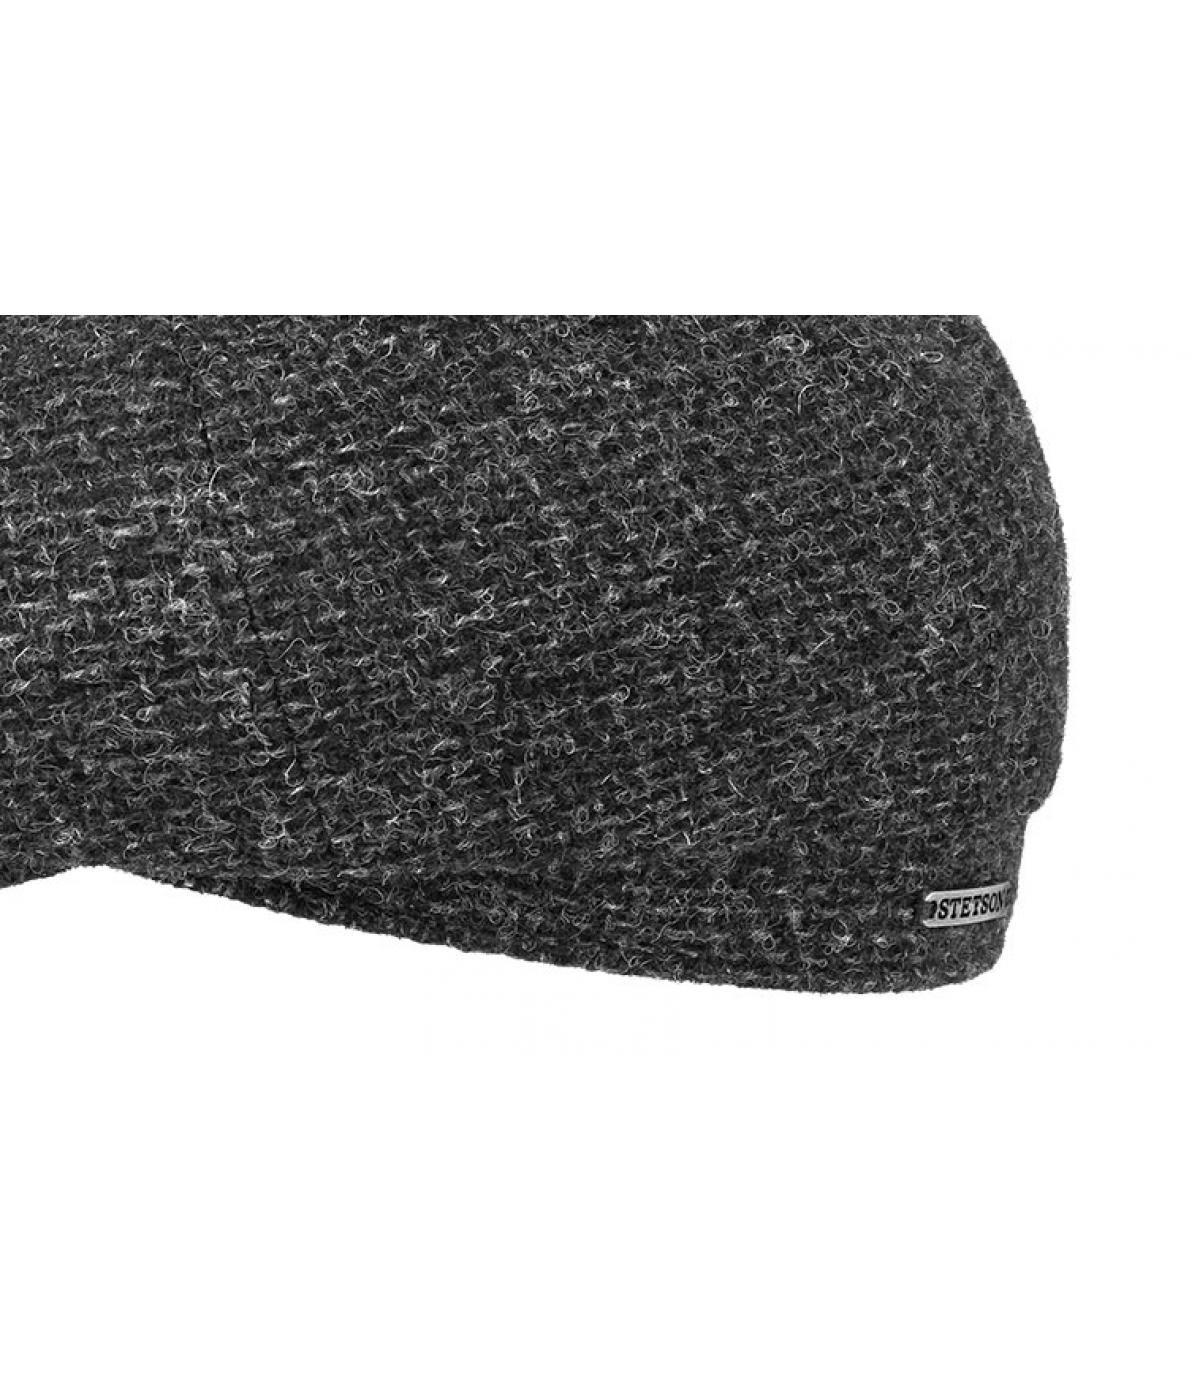 Details Hatteras Wool grey - Abbildung 3